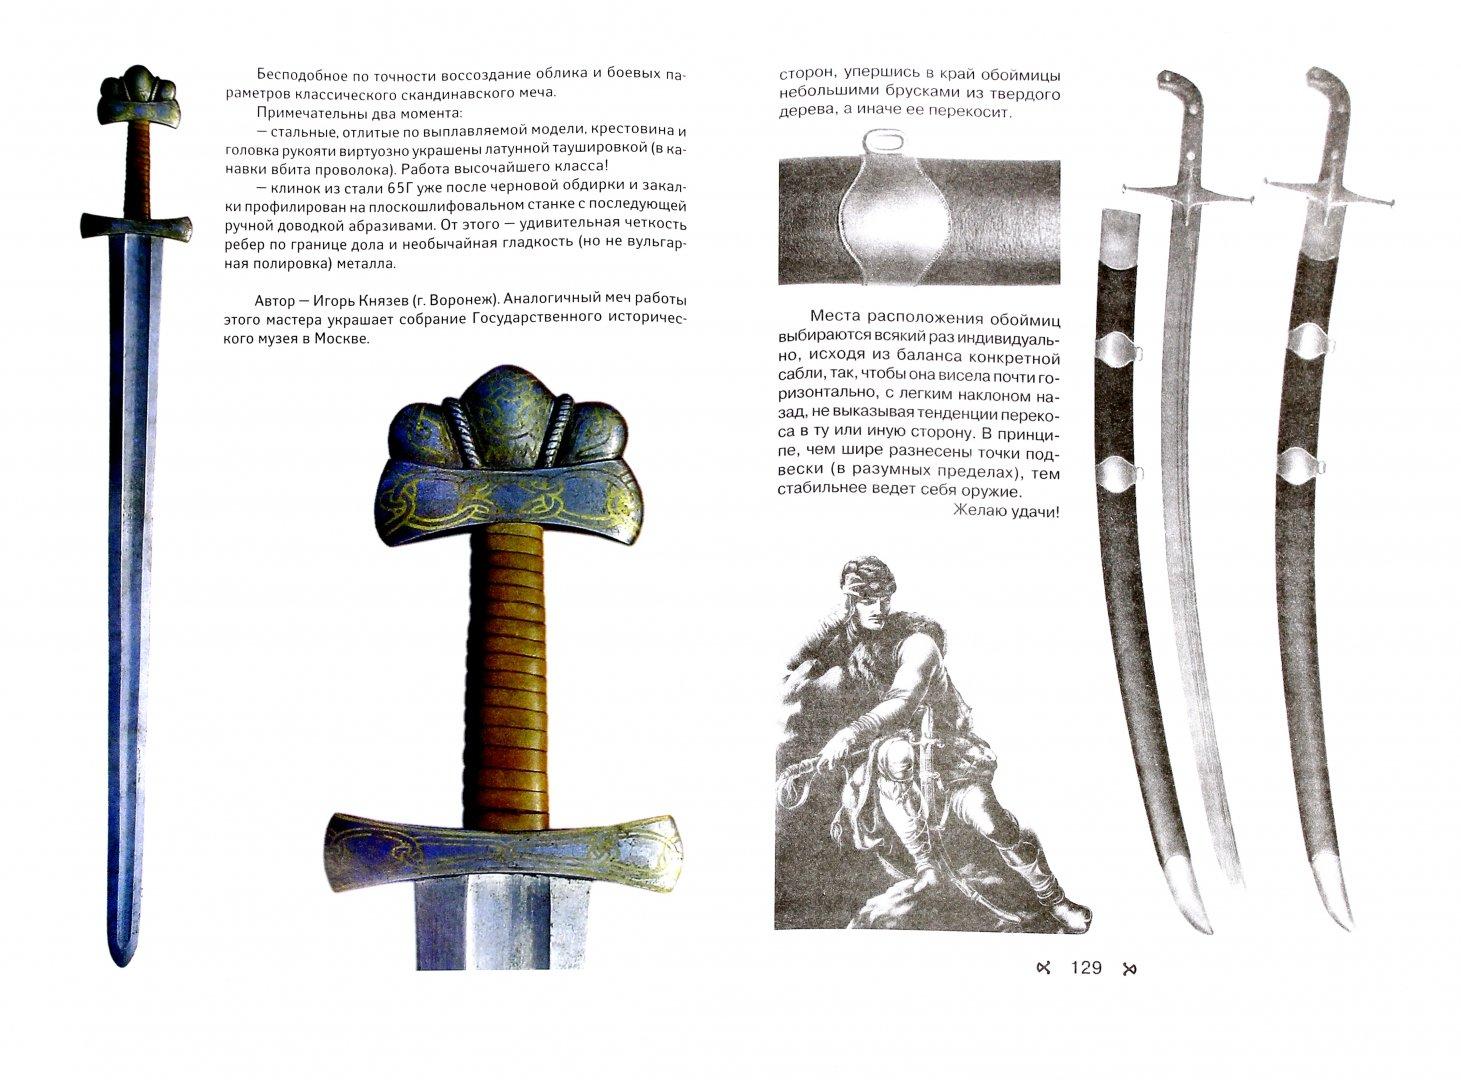 Иллюстрация 1 из 33 для Реконструкция старинного оружия - Валерий Хорев   Лабиринт - книги. Источник: Лабиринт